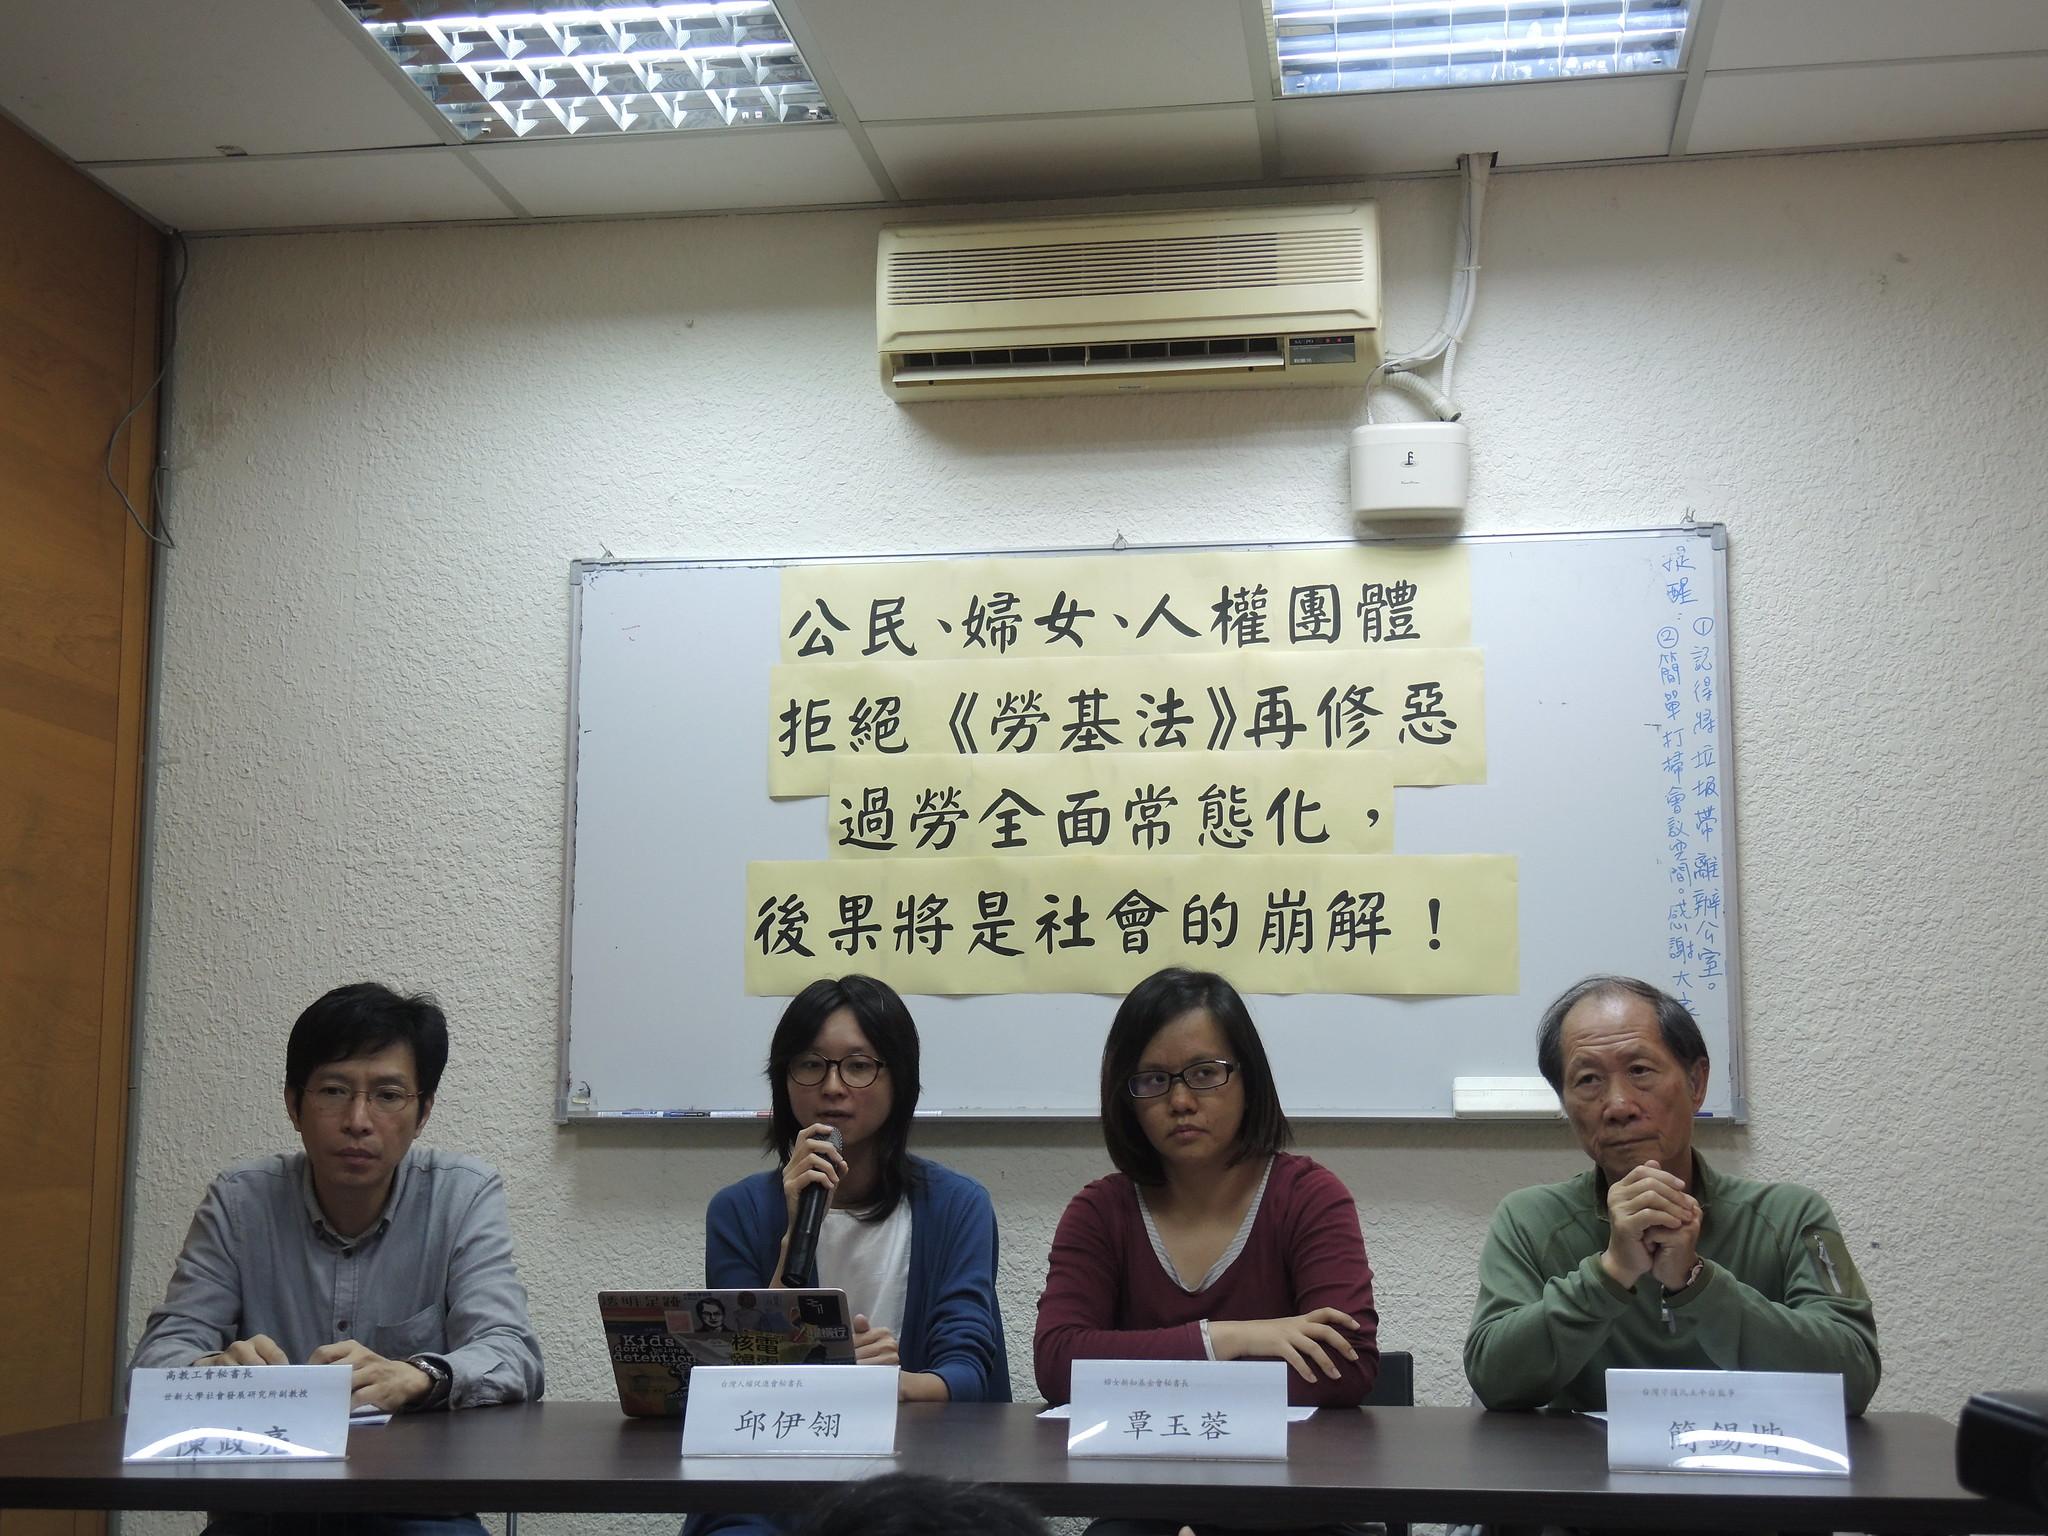 今日台灣高等教育產業工會等民間團體一同舉行記者會,反對《勞基法》再修惡,呼籲行政院撤回修法草案。(攝影:曾福全)